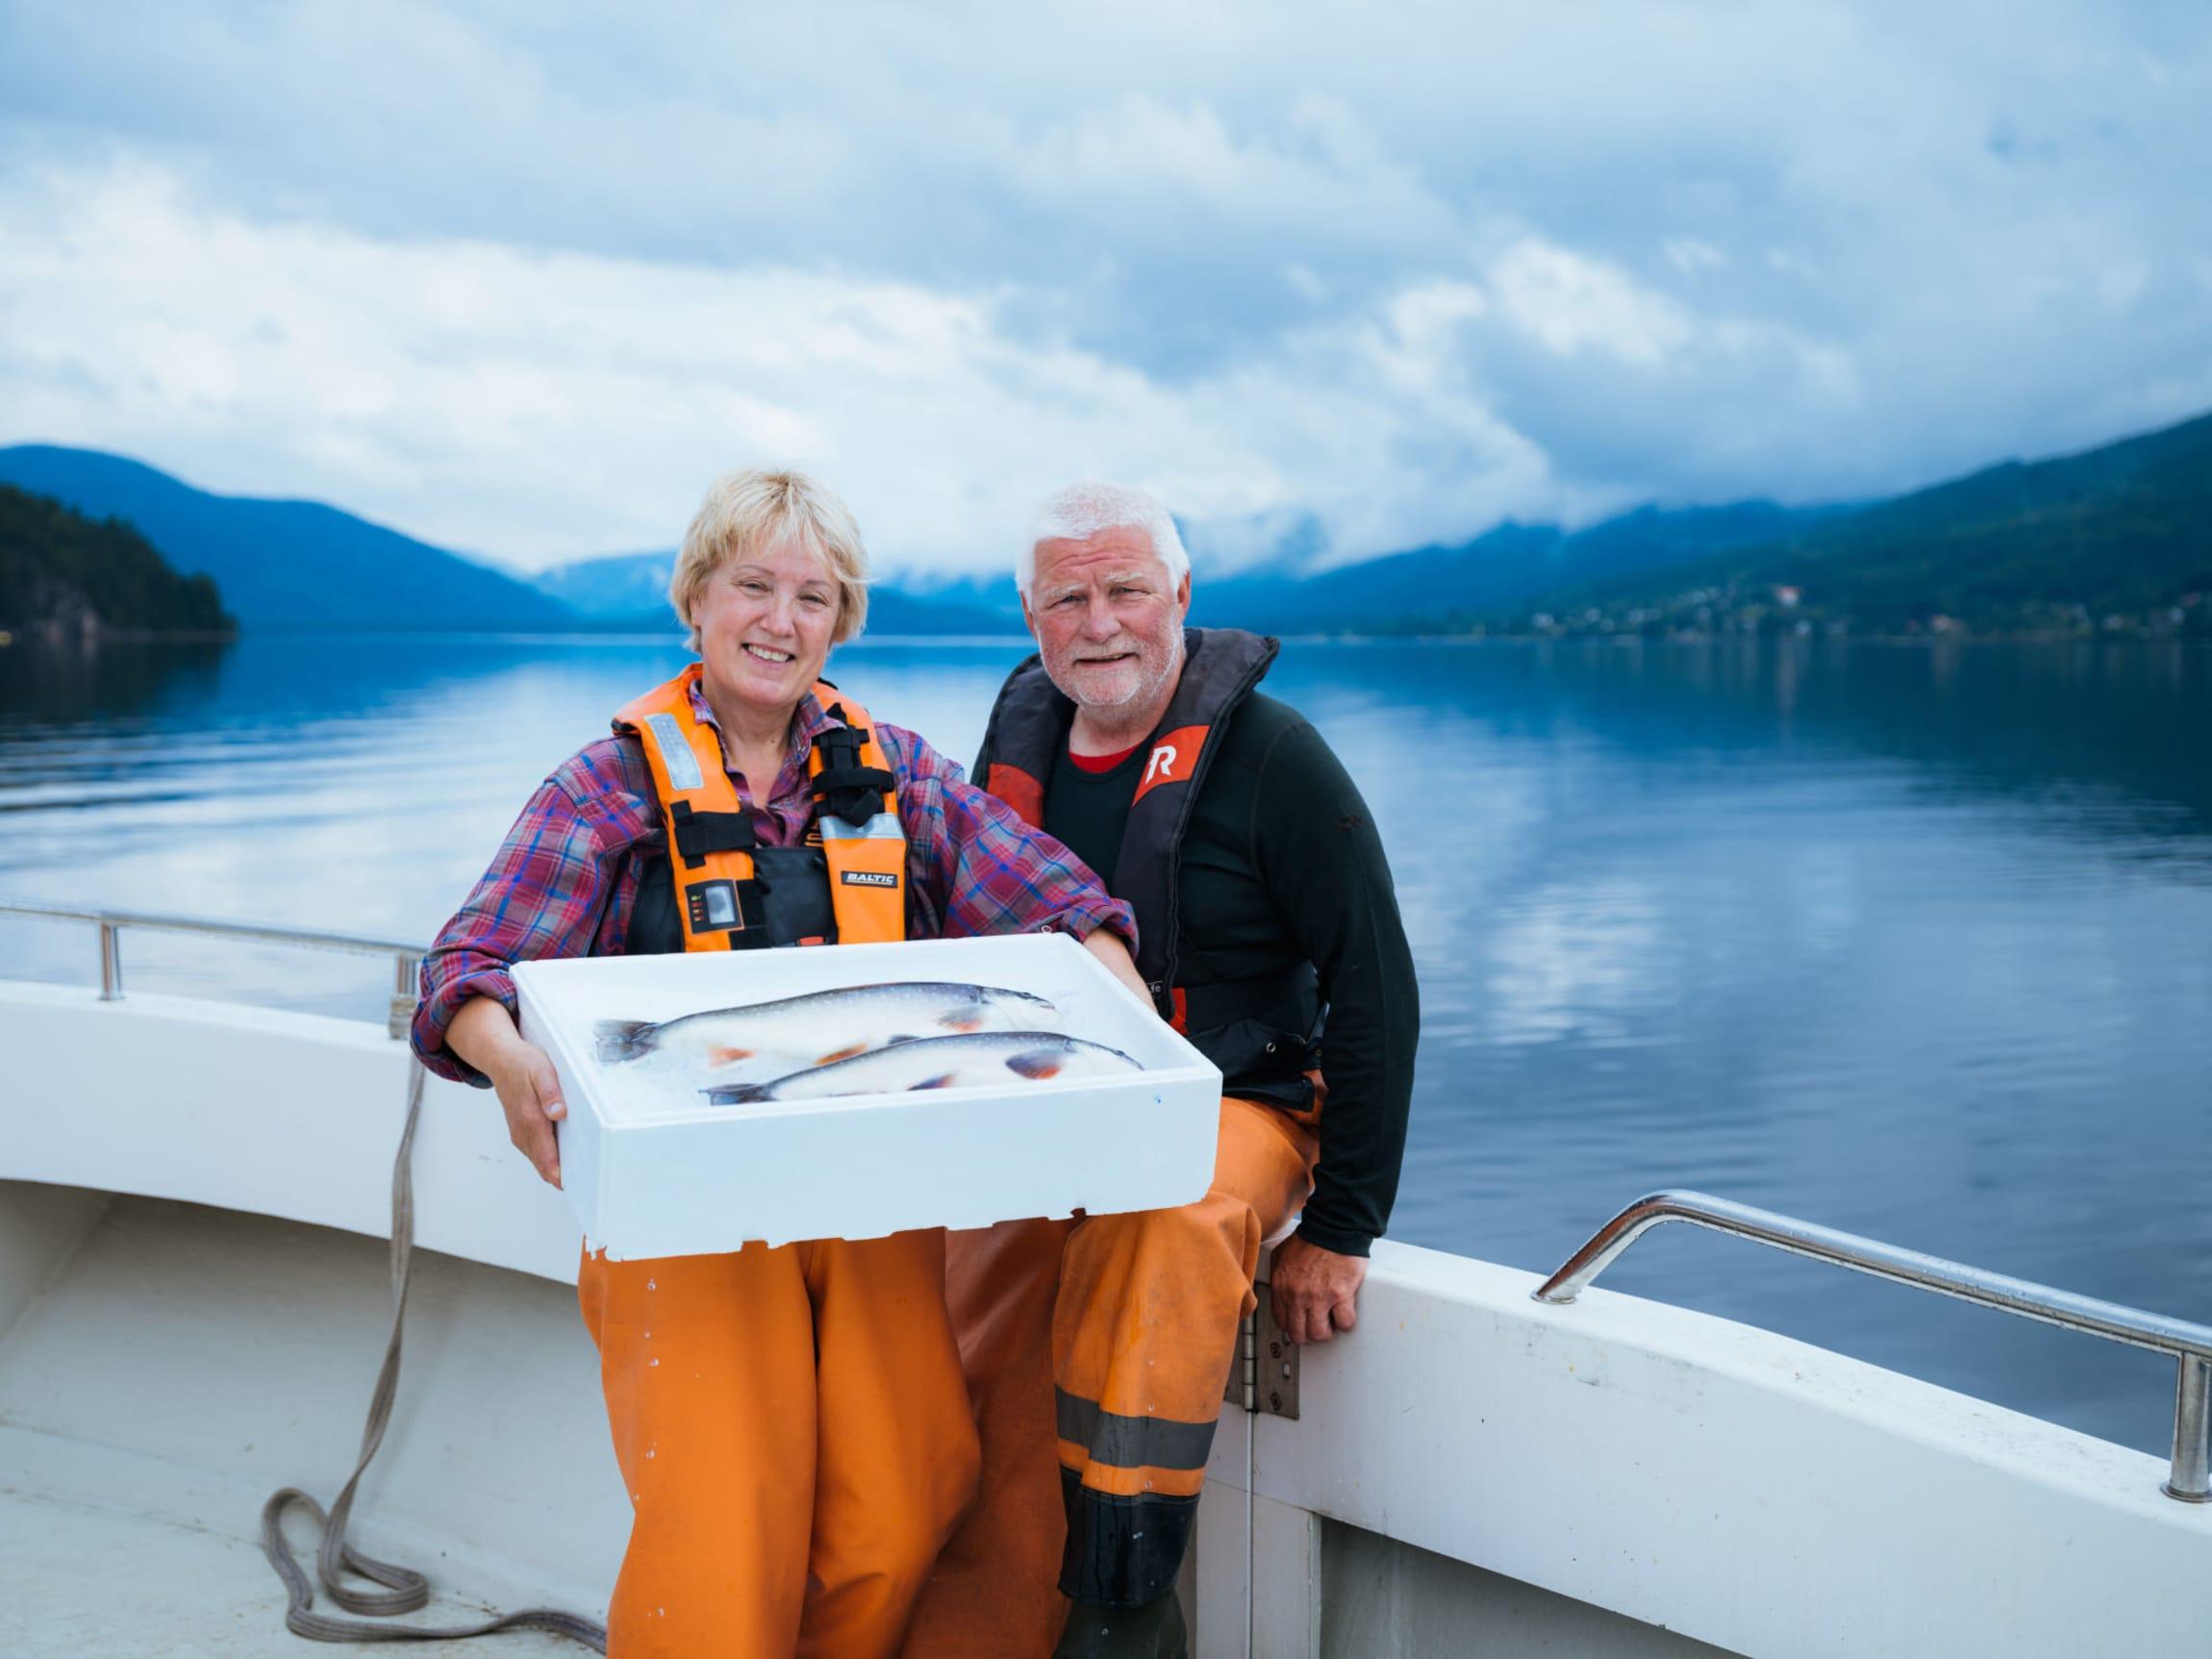 Jonny og Ingeborg Aketun driver oppdrett av Telemarkrøye av høy kvalitet.